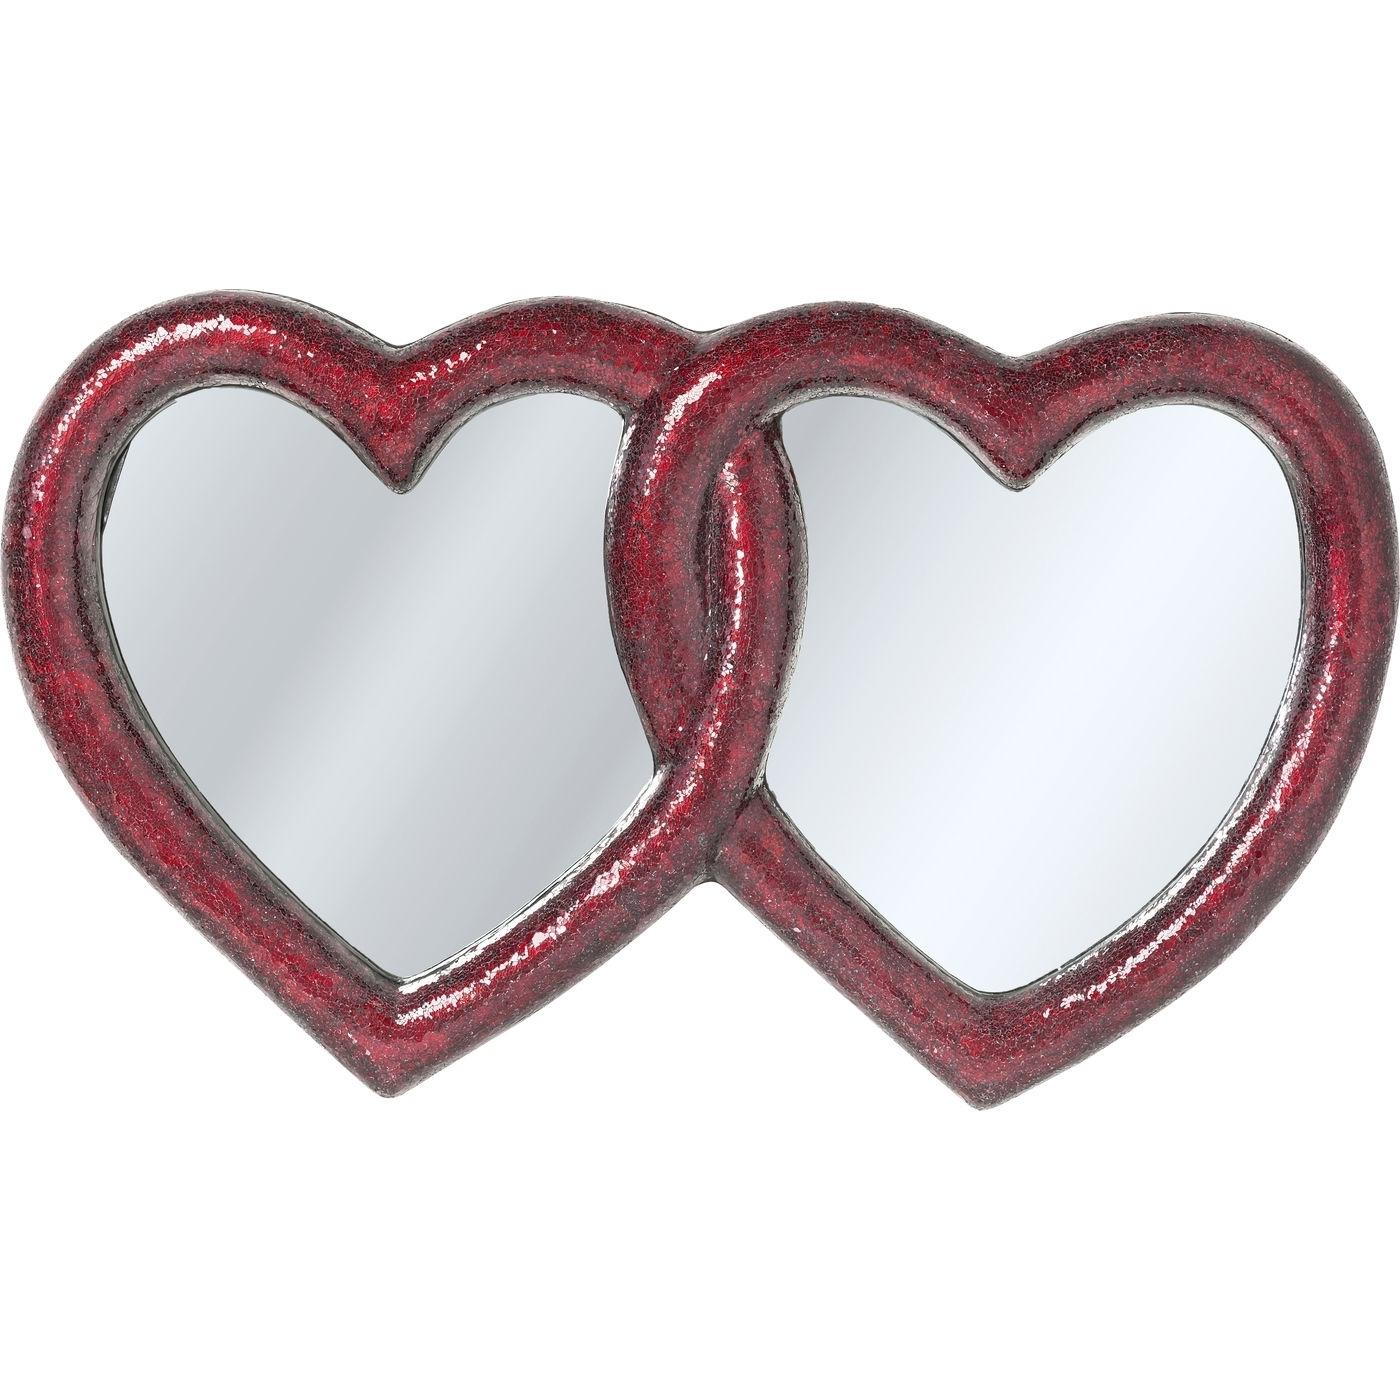 Spiegel Mosaik Double Heart 100x165cm